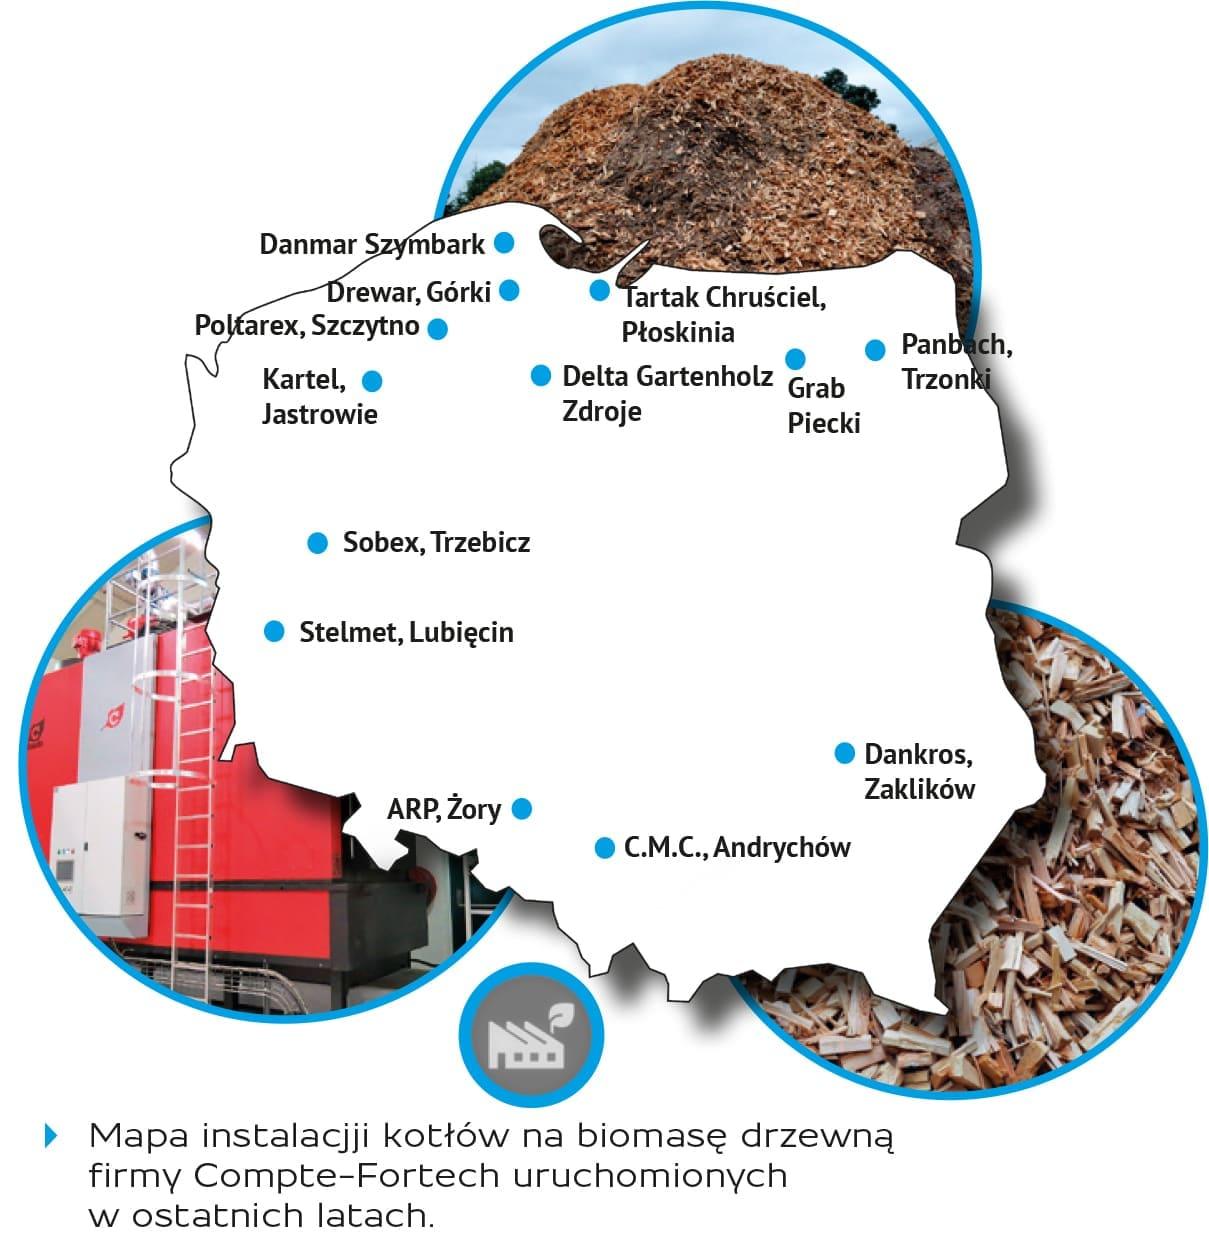 Mapa instalacji kotłów